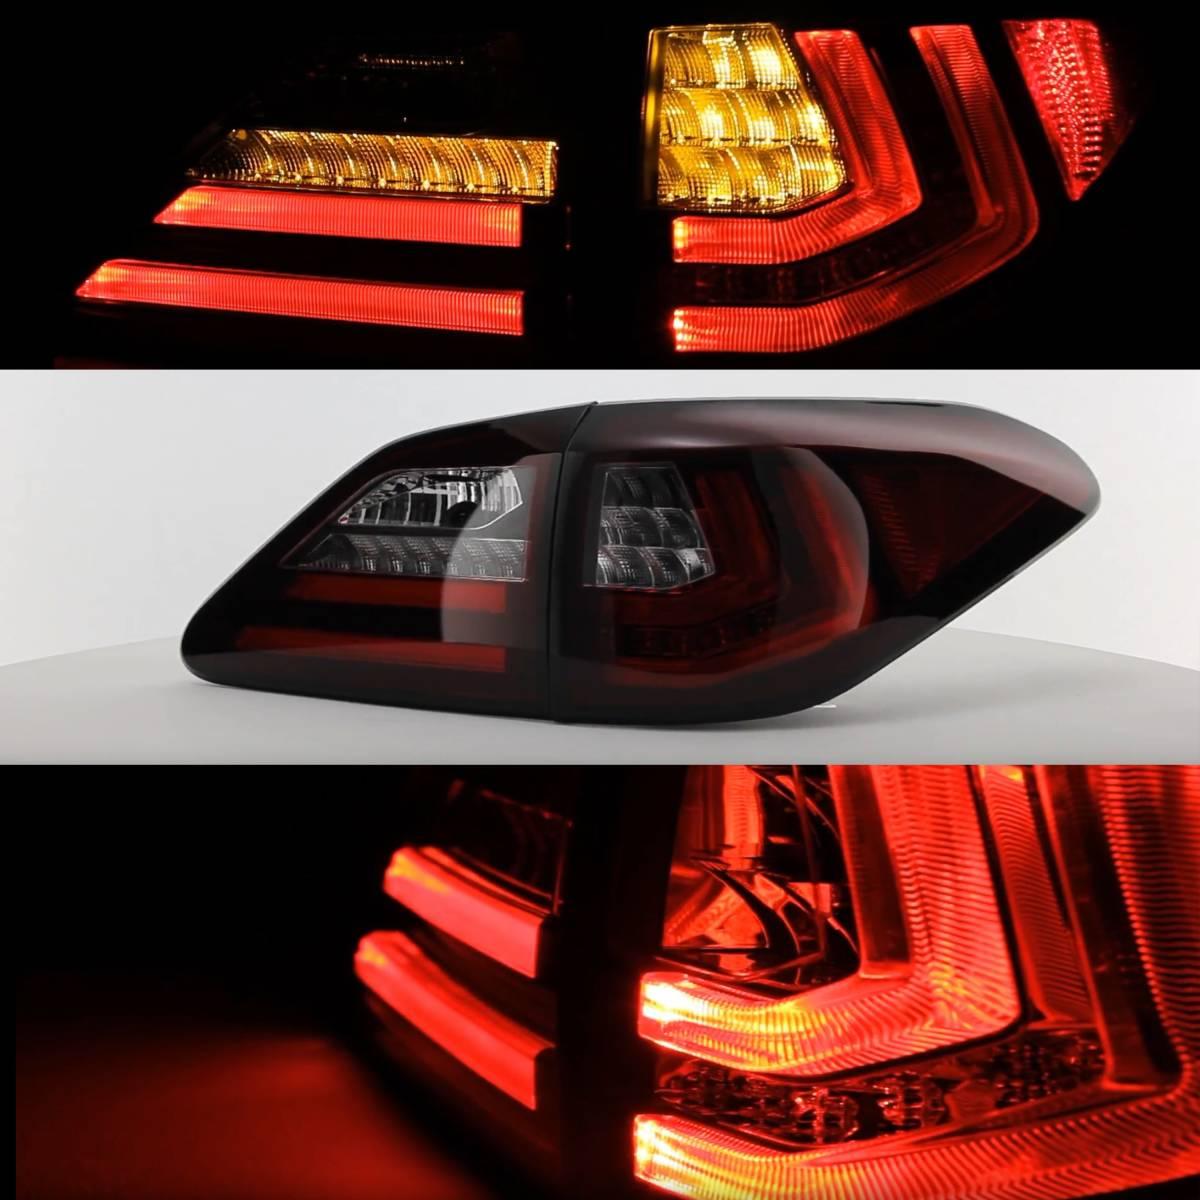 LEXUS RX 10系用 20系仕様 流れるウィンカー テール シーケンシャルウィンカー レクサス AGL10 GGL10 GGL15 GYL10 GYL15 GYL16 CONSERX_画像4